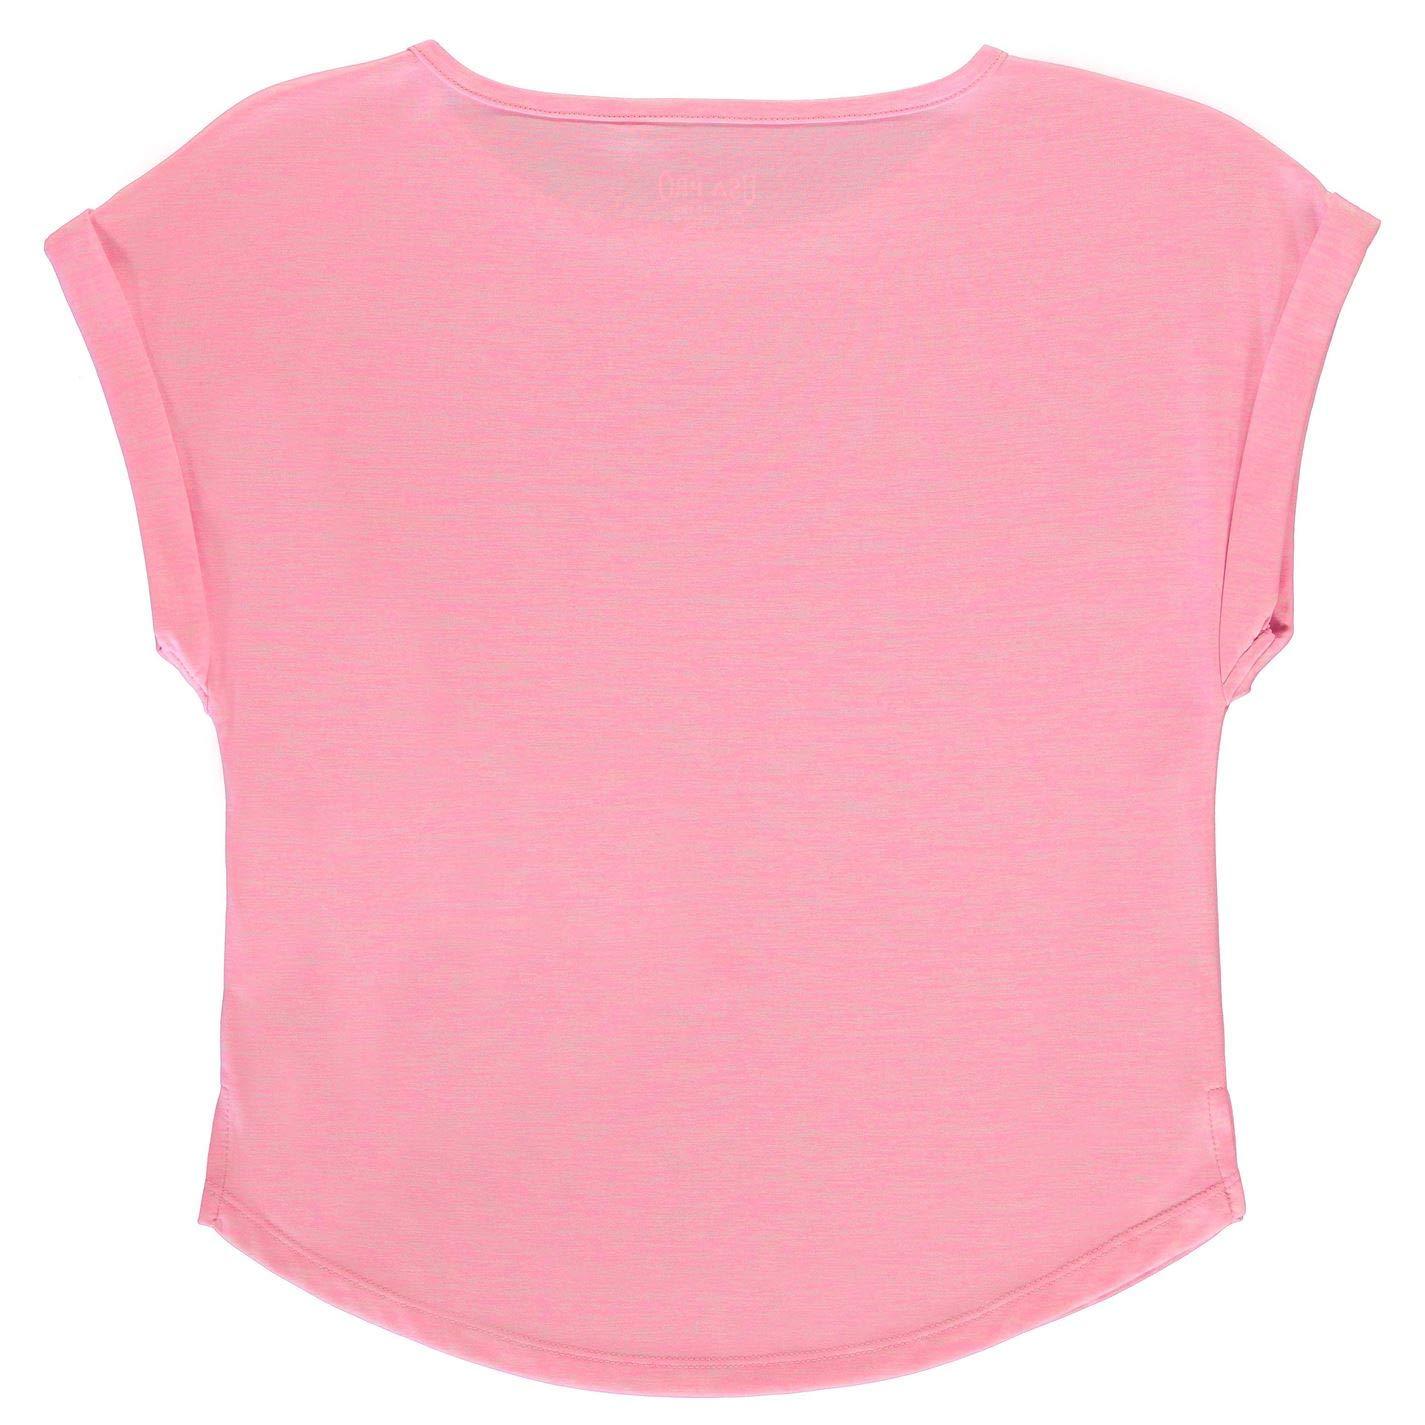 USA Pro Junior Girls Boyfriend Short Sleeve T Shirt Top